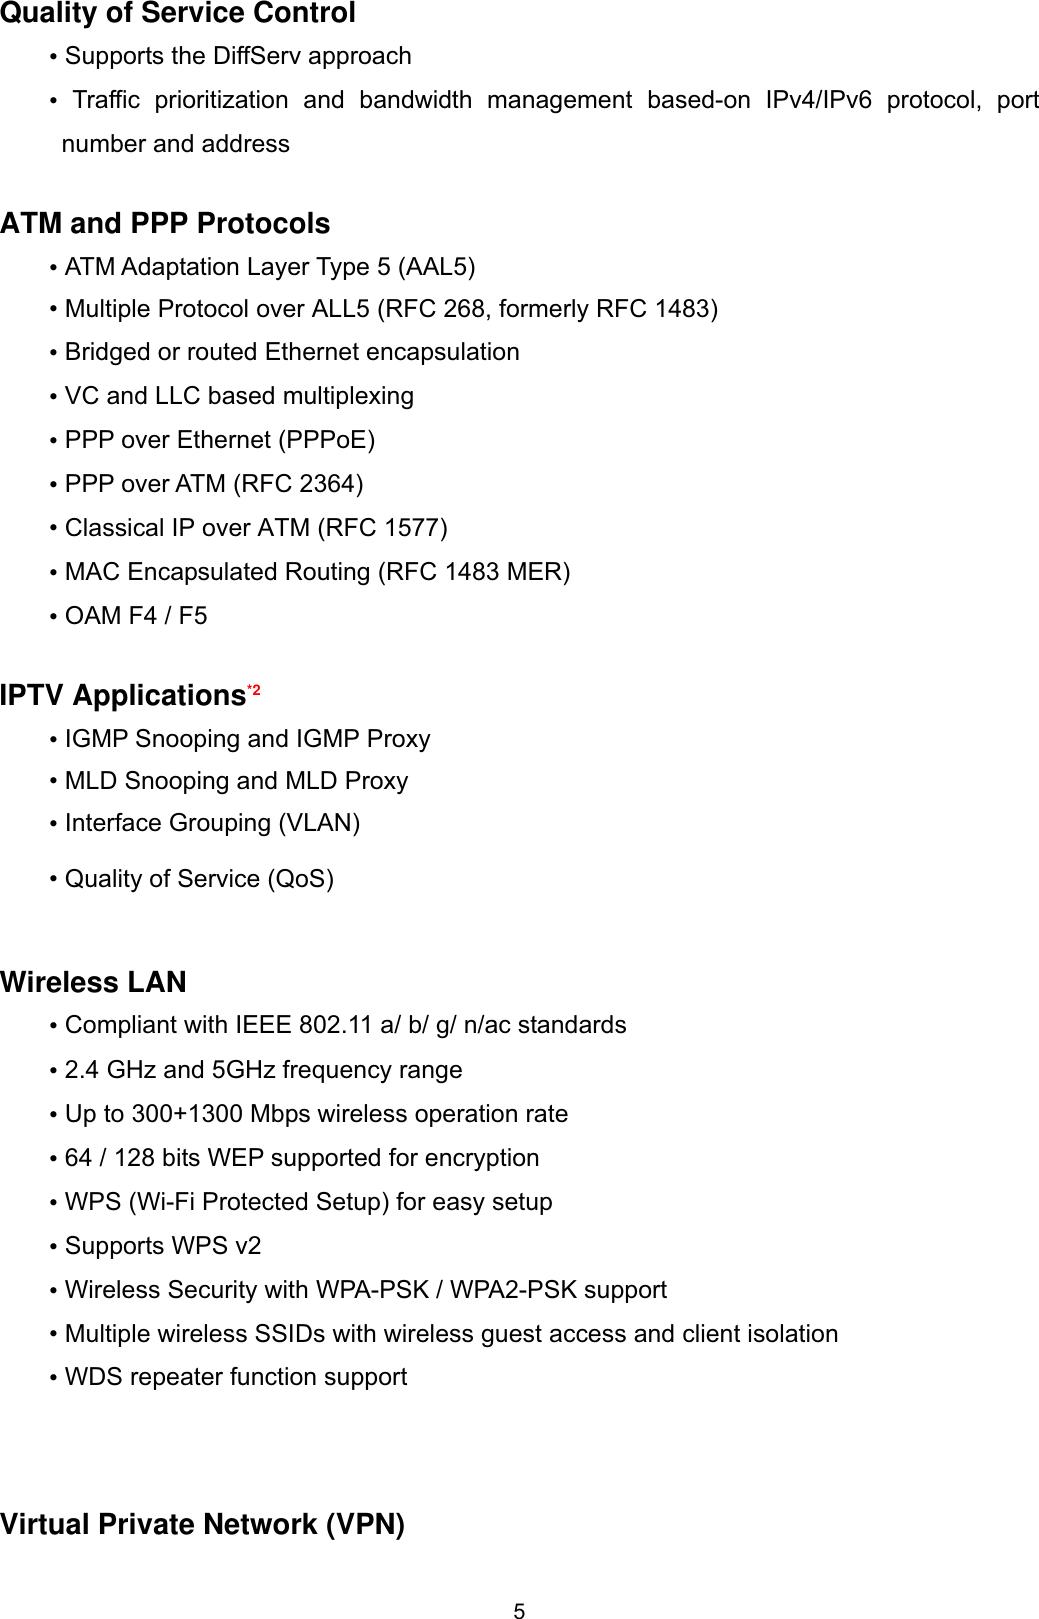 Billion Electric BIL-8700AXL Triple-WAN Wireless 1600 Mbps